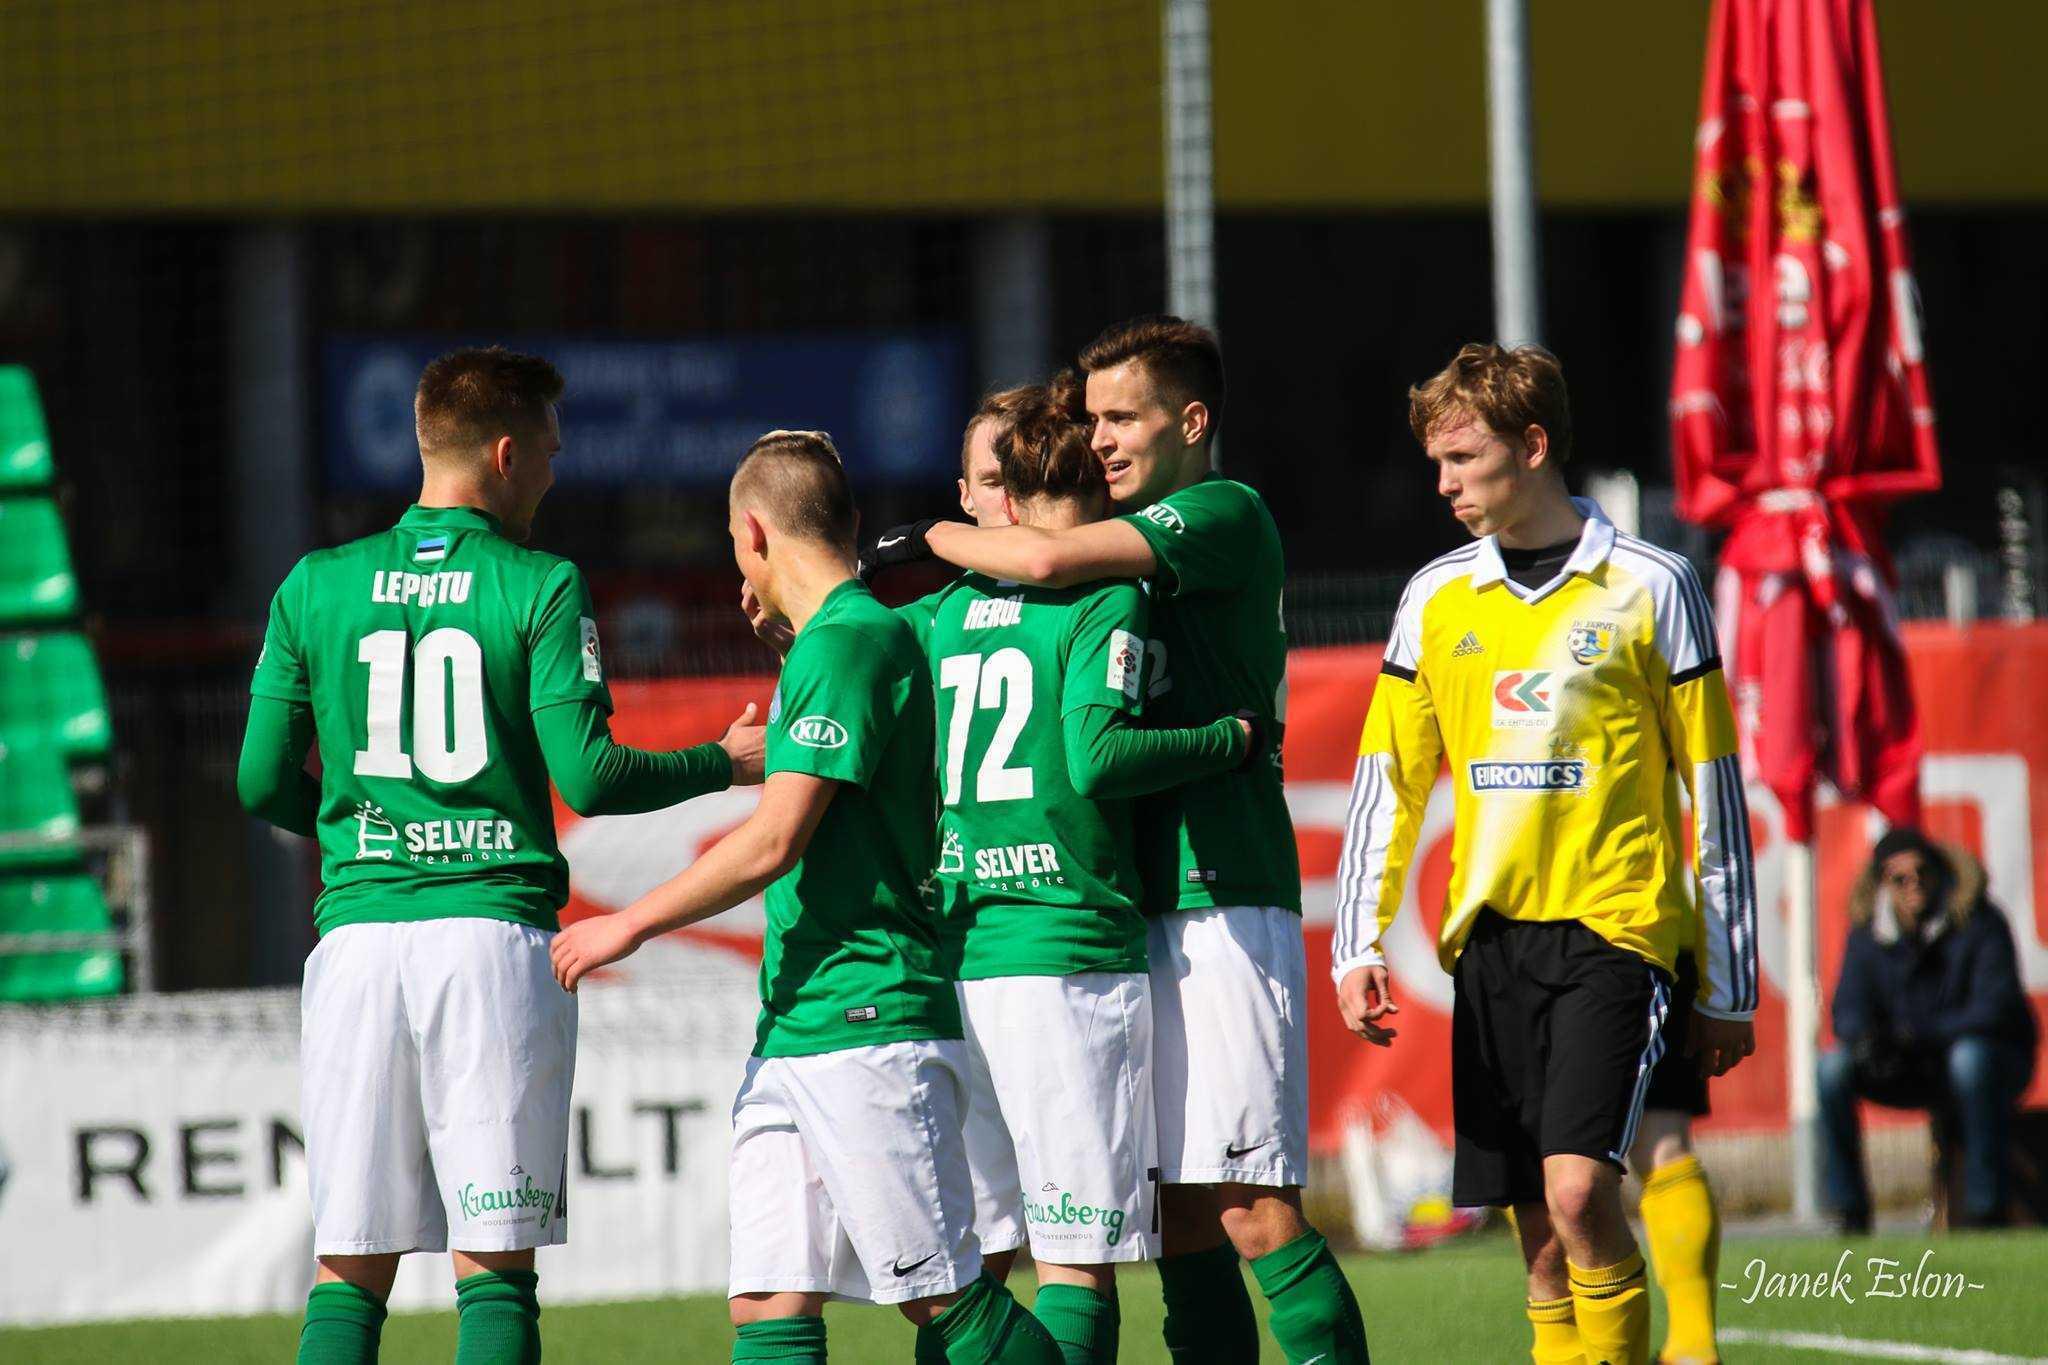 Flora U21 vs Kohtla-Järve JK Järve